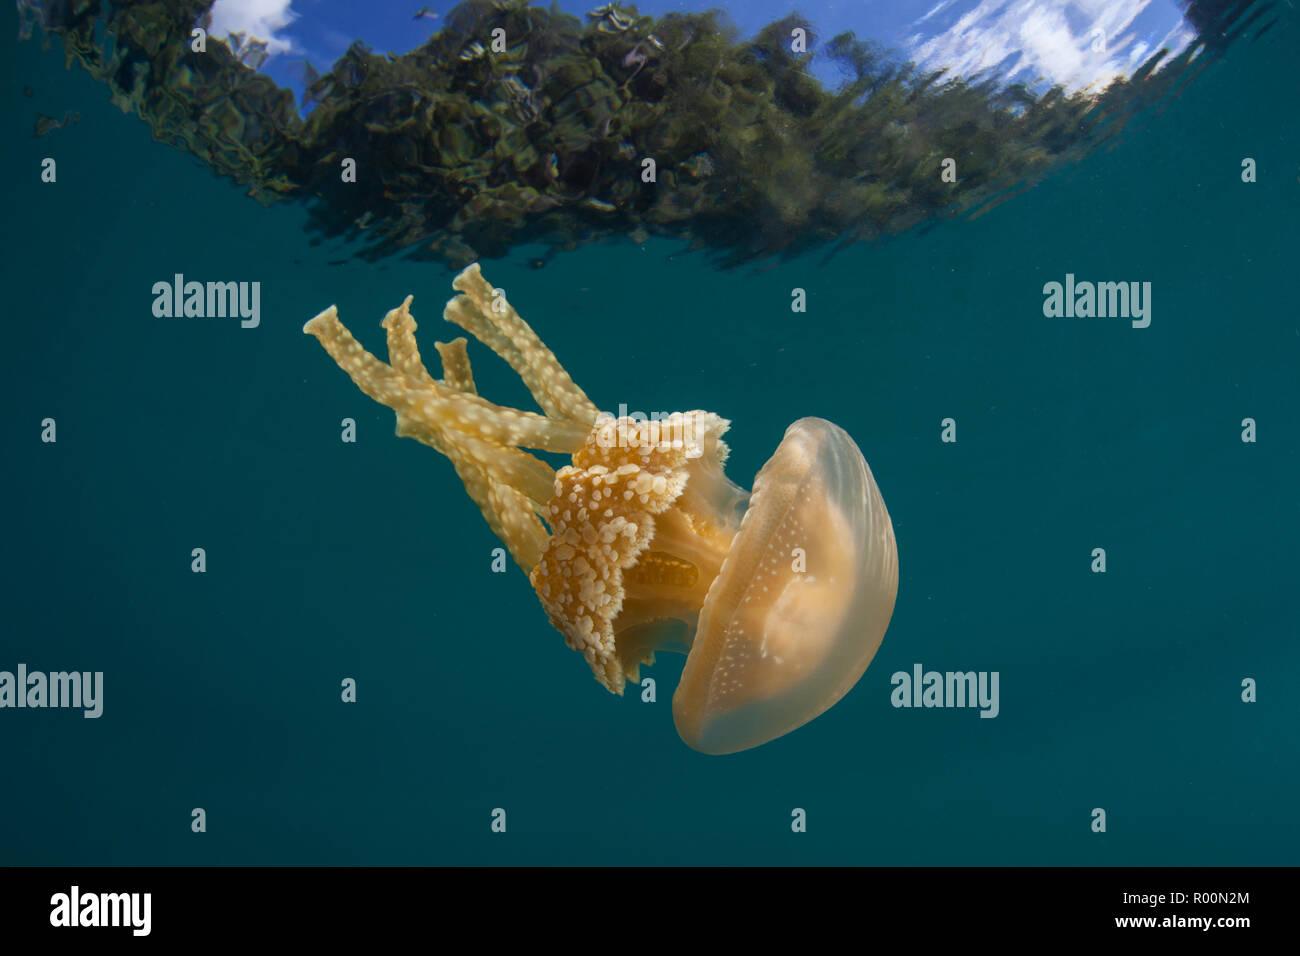 Un Golden meduse, Mastigias papua, derive in acqua poco profonda in Raja Ampat, Indonesia. Questa regione è nota per la sua spettacolare della biodiversità marina. Immagini Stock